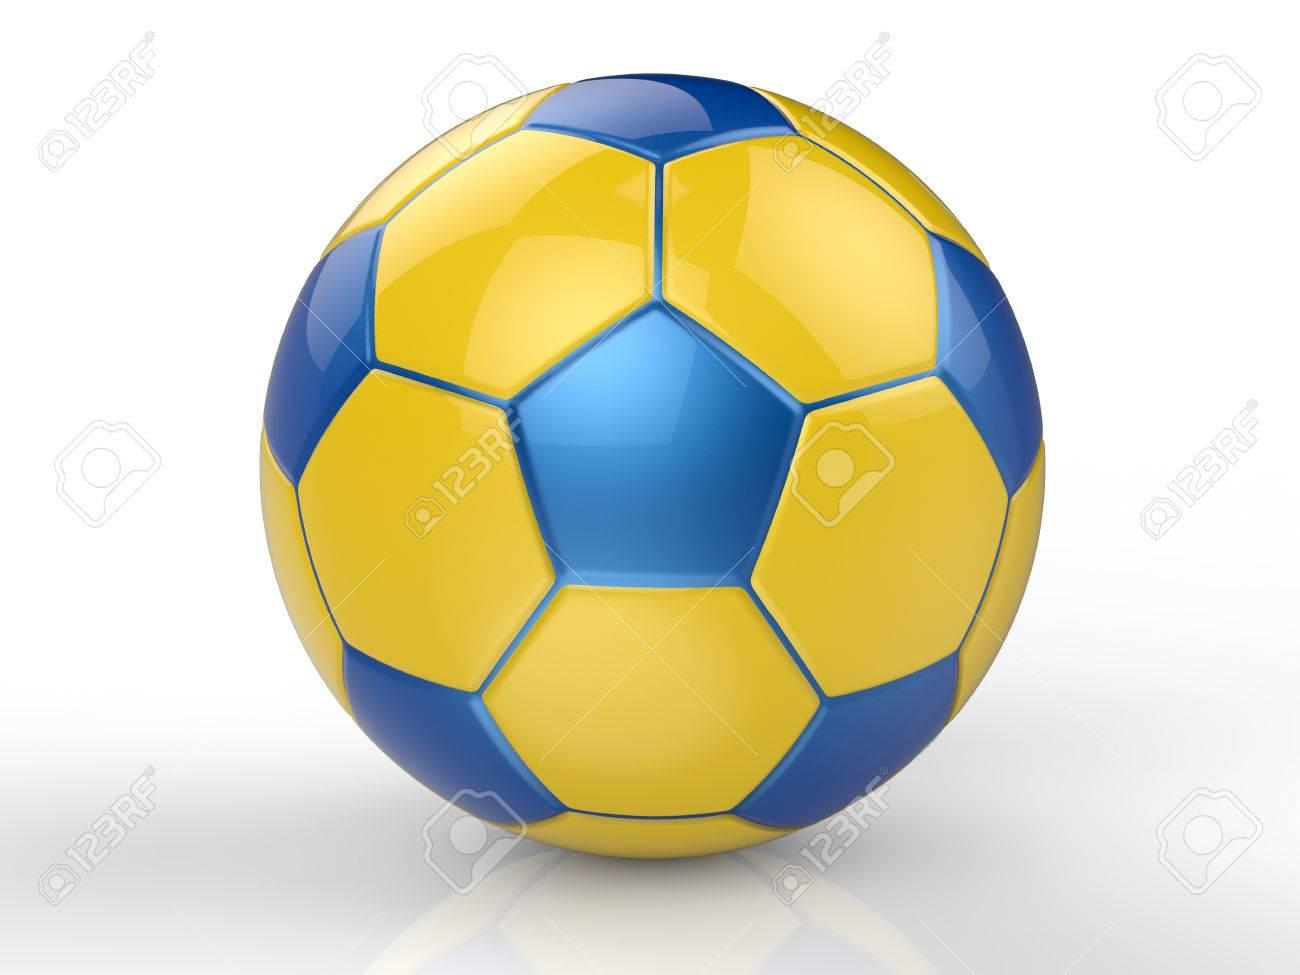 7403265f2bcd4 Foto de archivo - Representación 3D balón de fútbol amarillo y azul